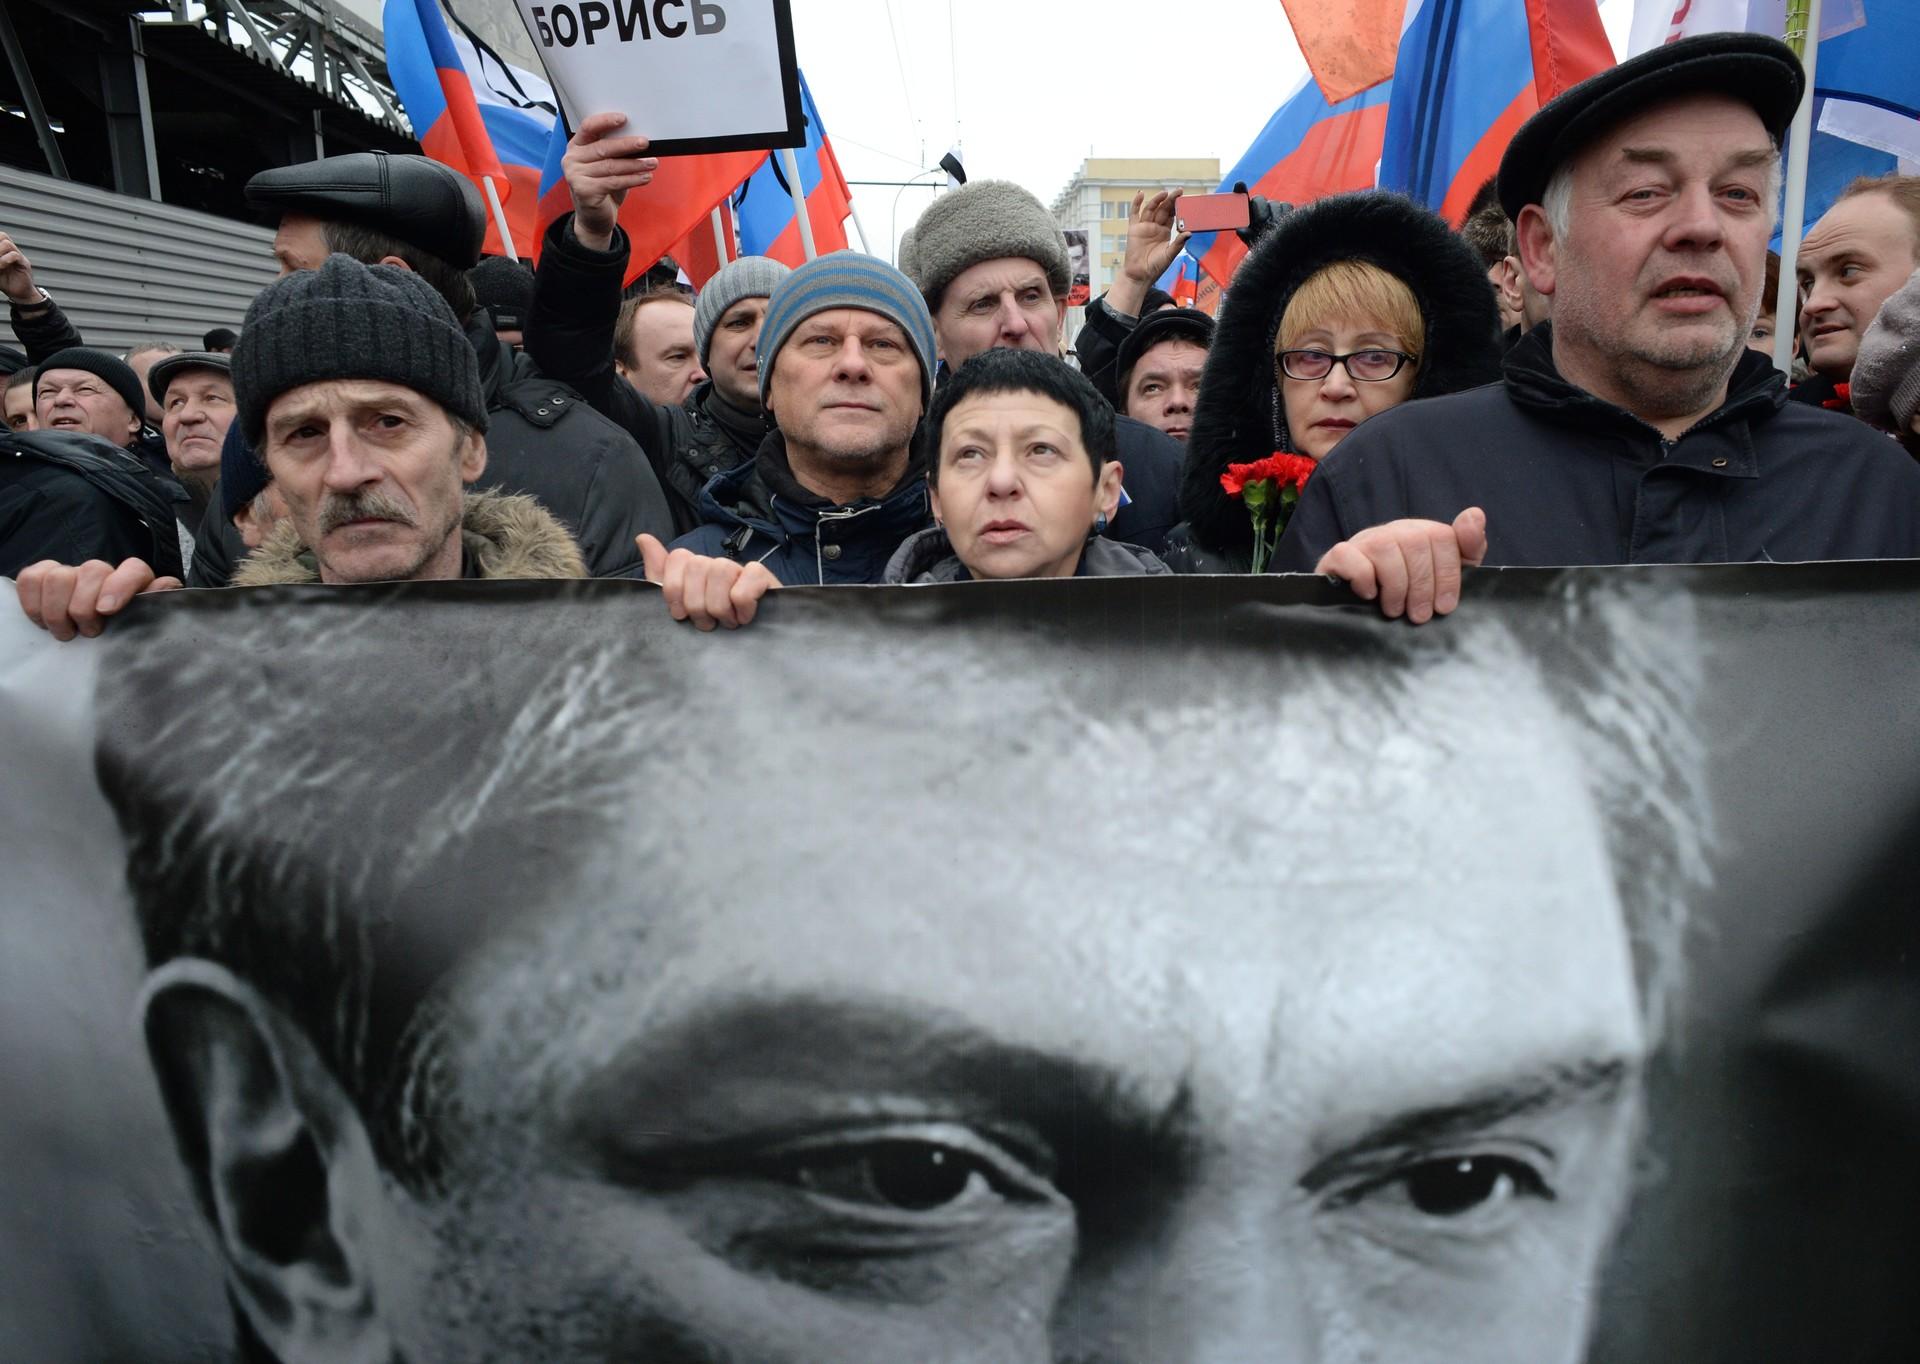 Marcha de luto en Moscú